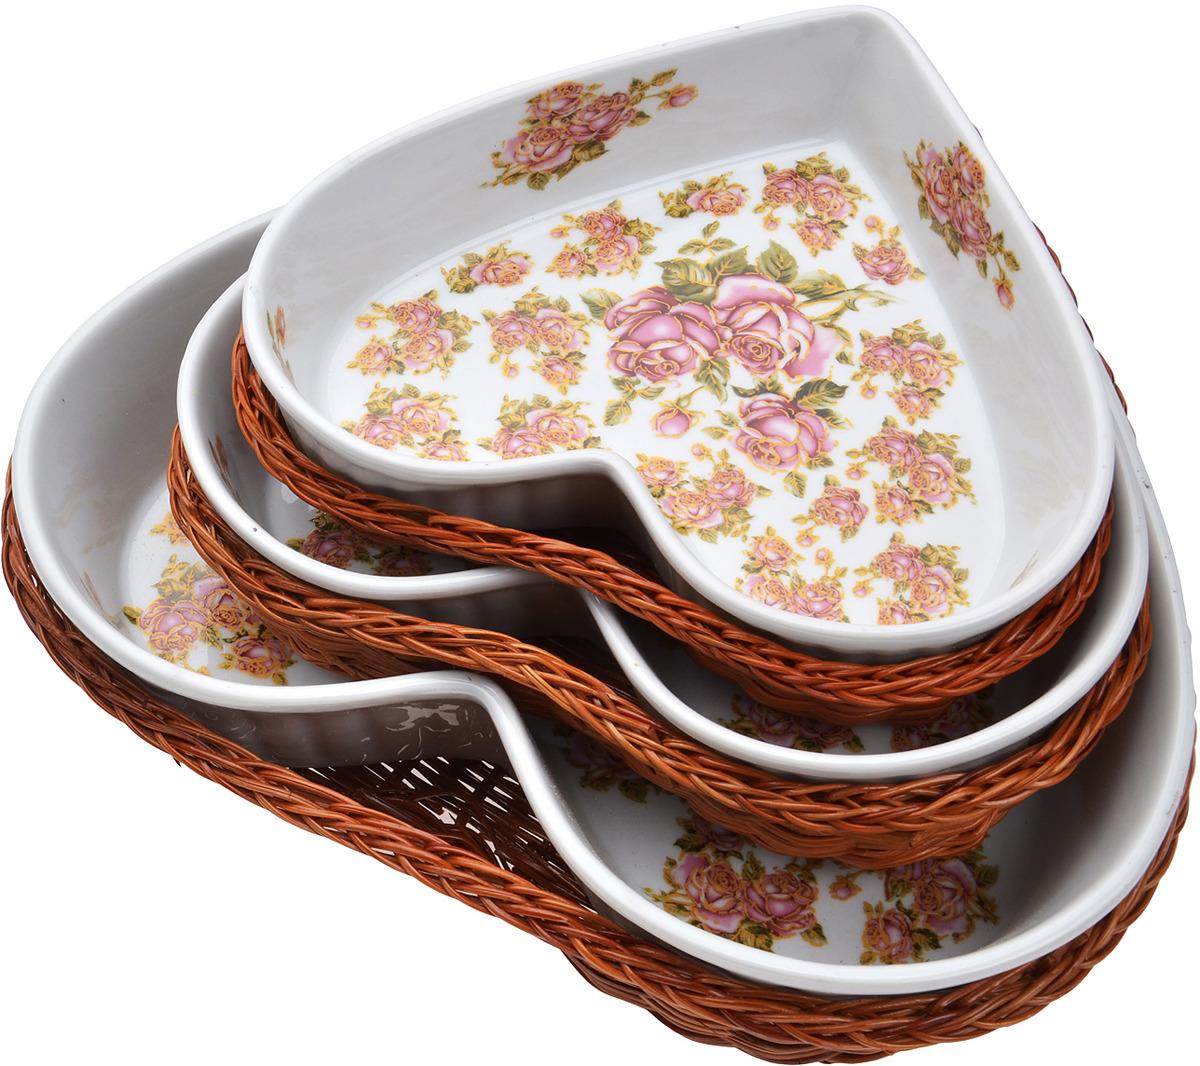 Блюда Mayer & Boch выполнены из качественной жаропрочной керамики. Поверхность изделий украшена изображением цветов. К каждому блюду прилагается плетеная корзинка из ротанга, выполняющая роль оригинальной подставки. Керамические блюда прекрасно подойдут для запекания овощей, мяса и других продуктов, а благодаря своему оригинальному дизайну, они, несомненно, украсят ваш стол. Посуда не впитывает посторонние запахи, не имеет труднодоступных выступов или изгибов, которые накапливают грязь, и легко чистится. Керамика выдерживает высокие перепады температуры, поэтому такие блюда можно использовать в духовке, микроволновой печи, а также для хранения пищи в холодильнике. Подходит для мытья в посудомоечной машине. В комплекте: 3 блюда, 3 плетеных корзинки.